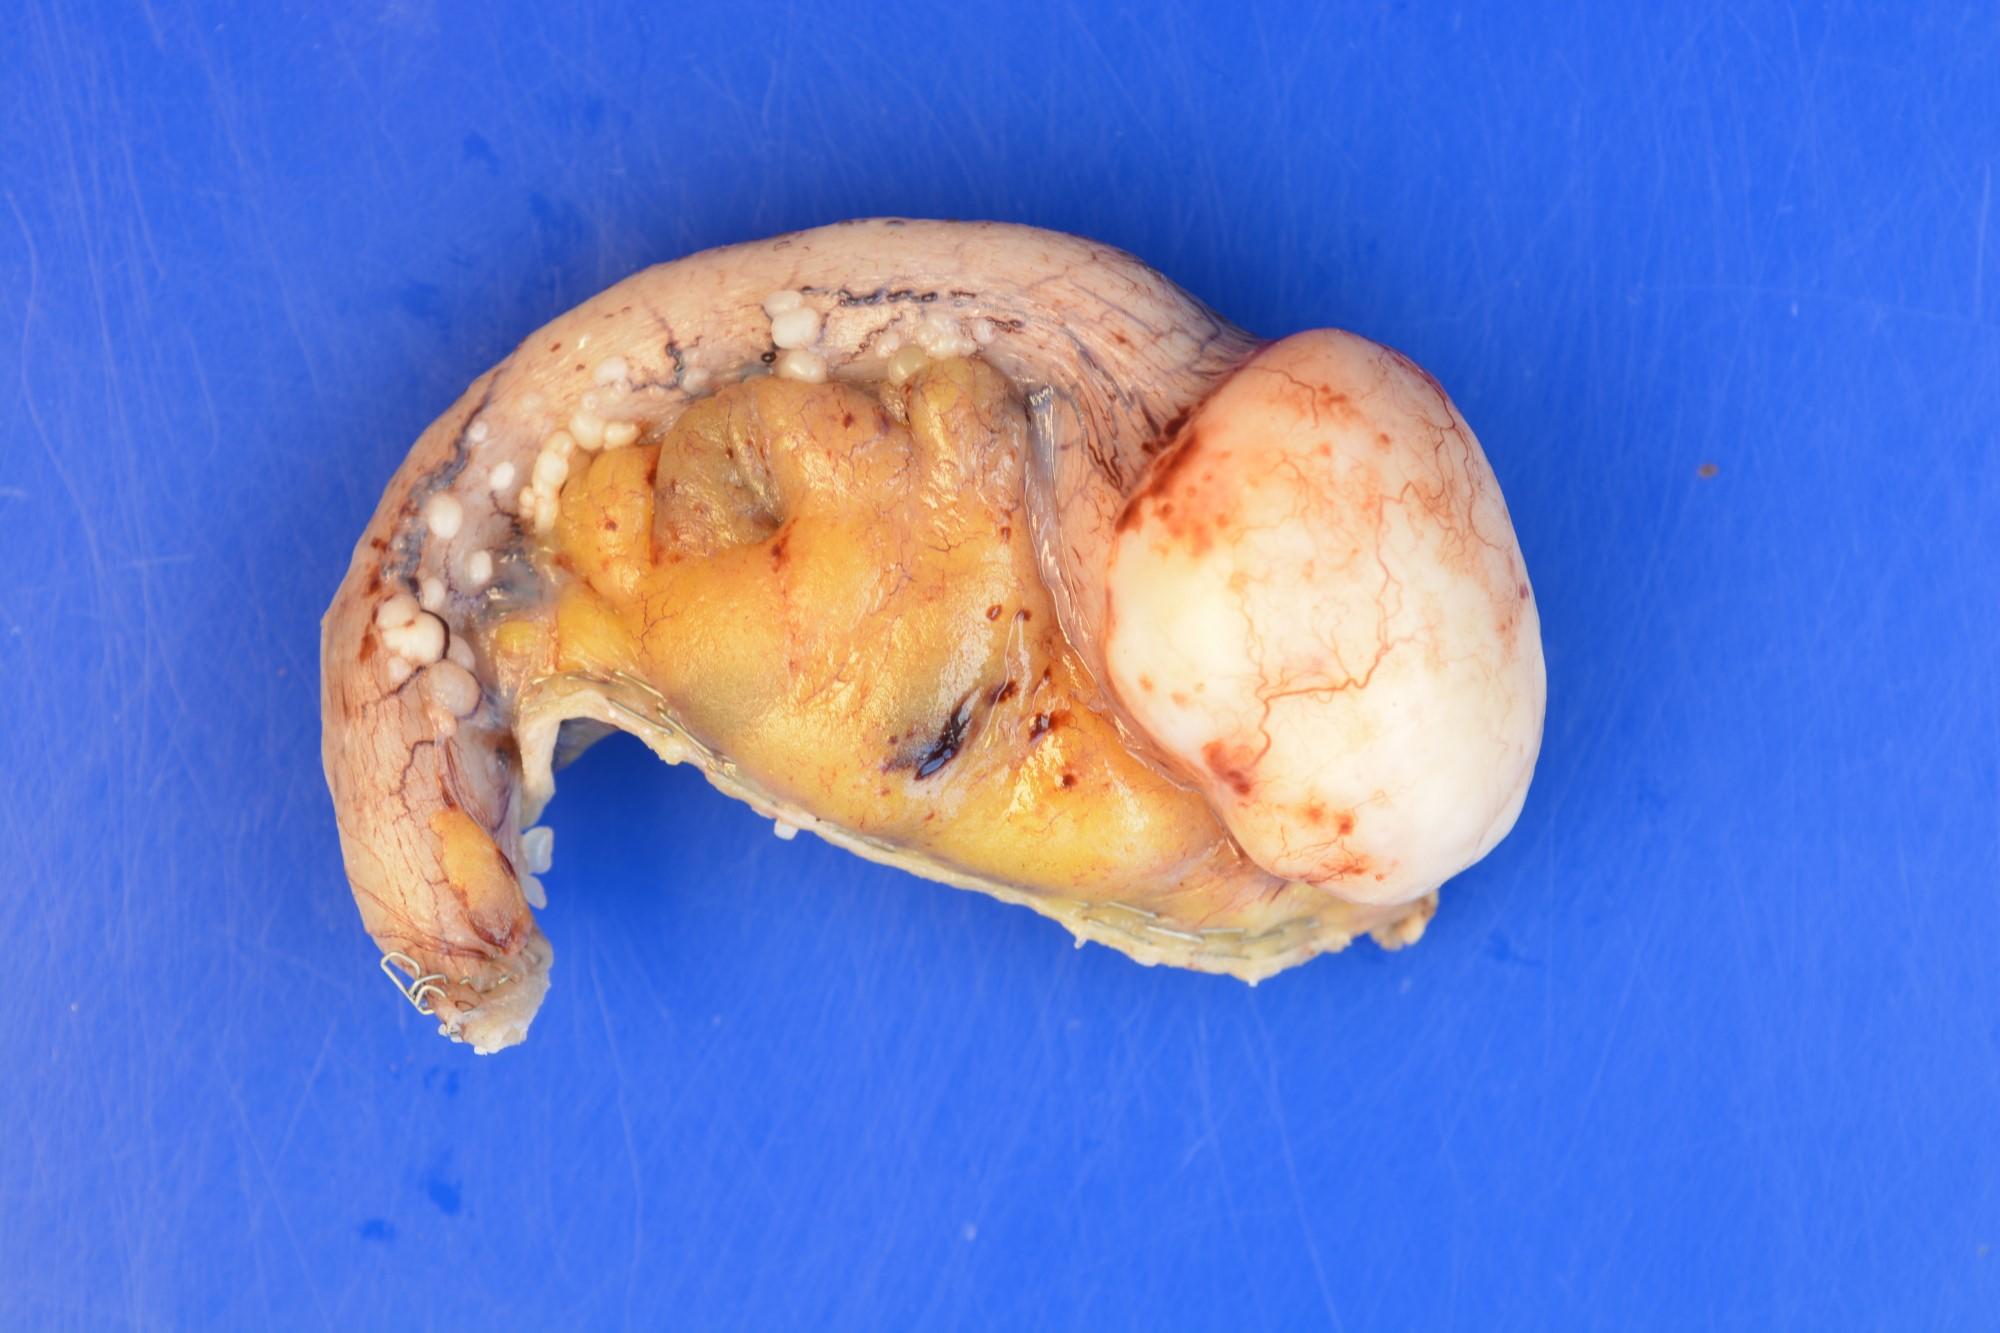 Appendiceal NET in mesentery